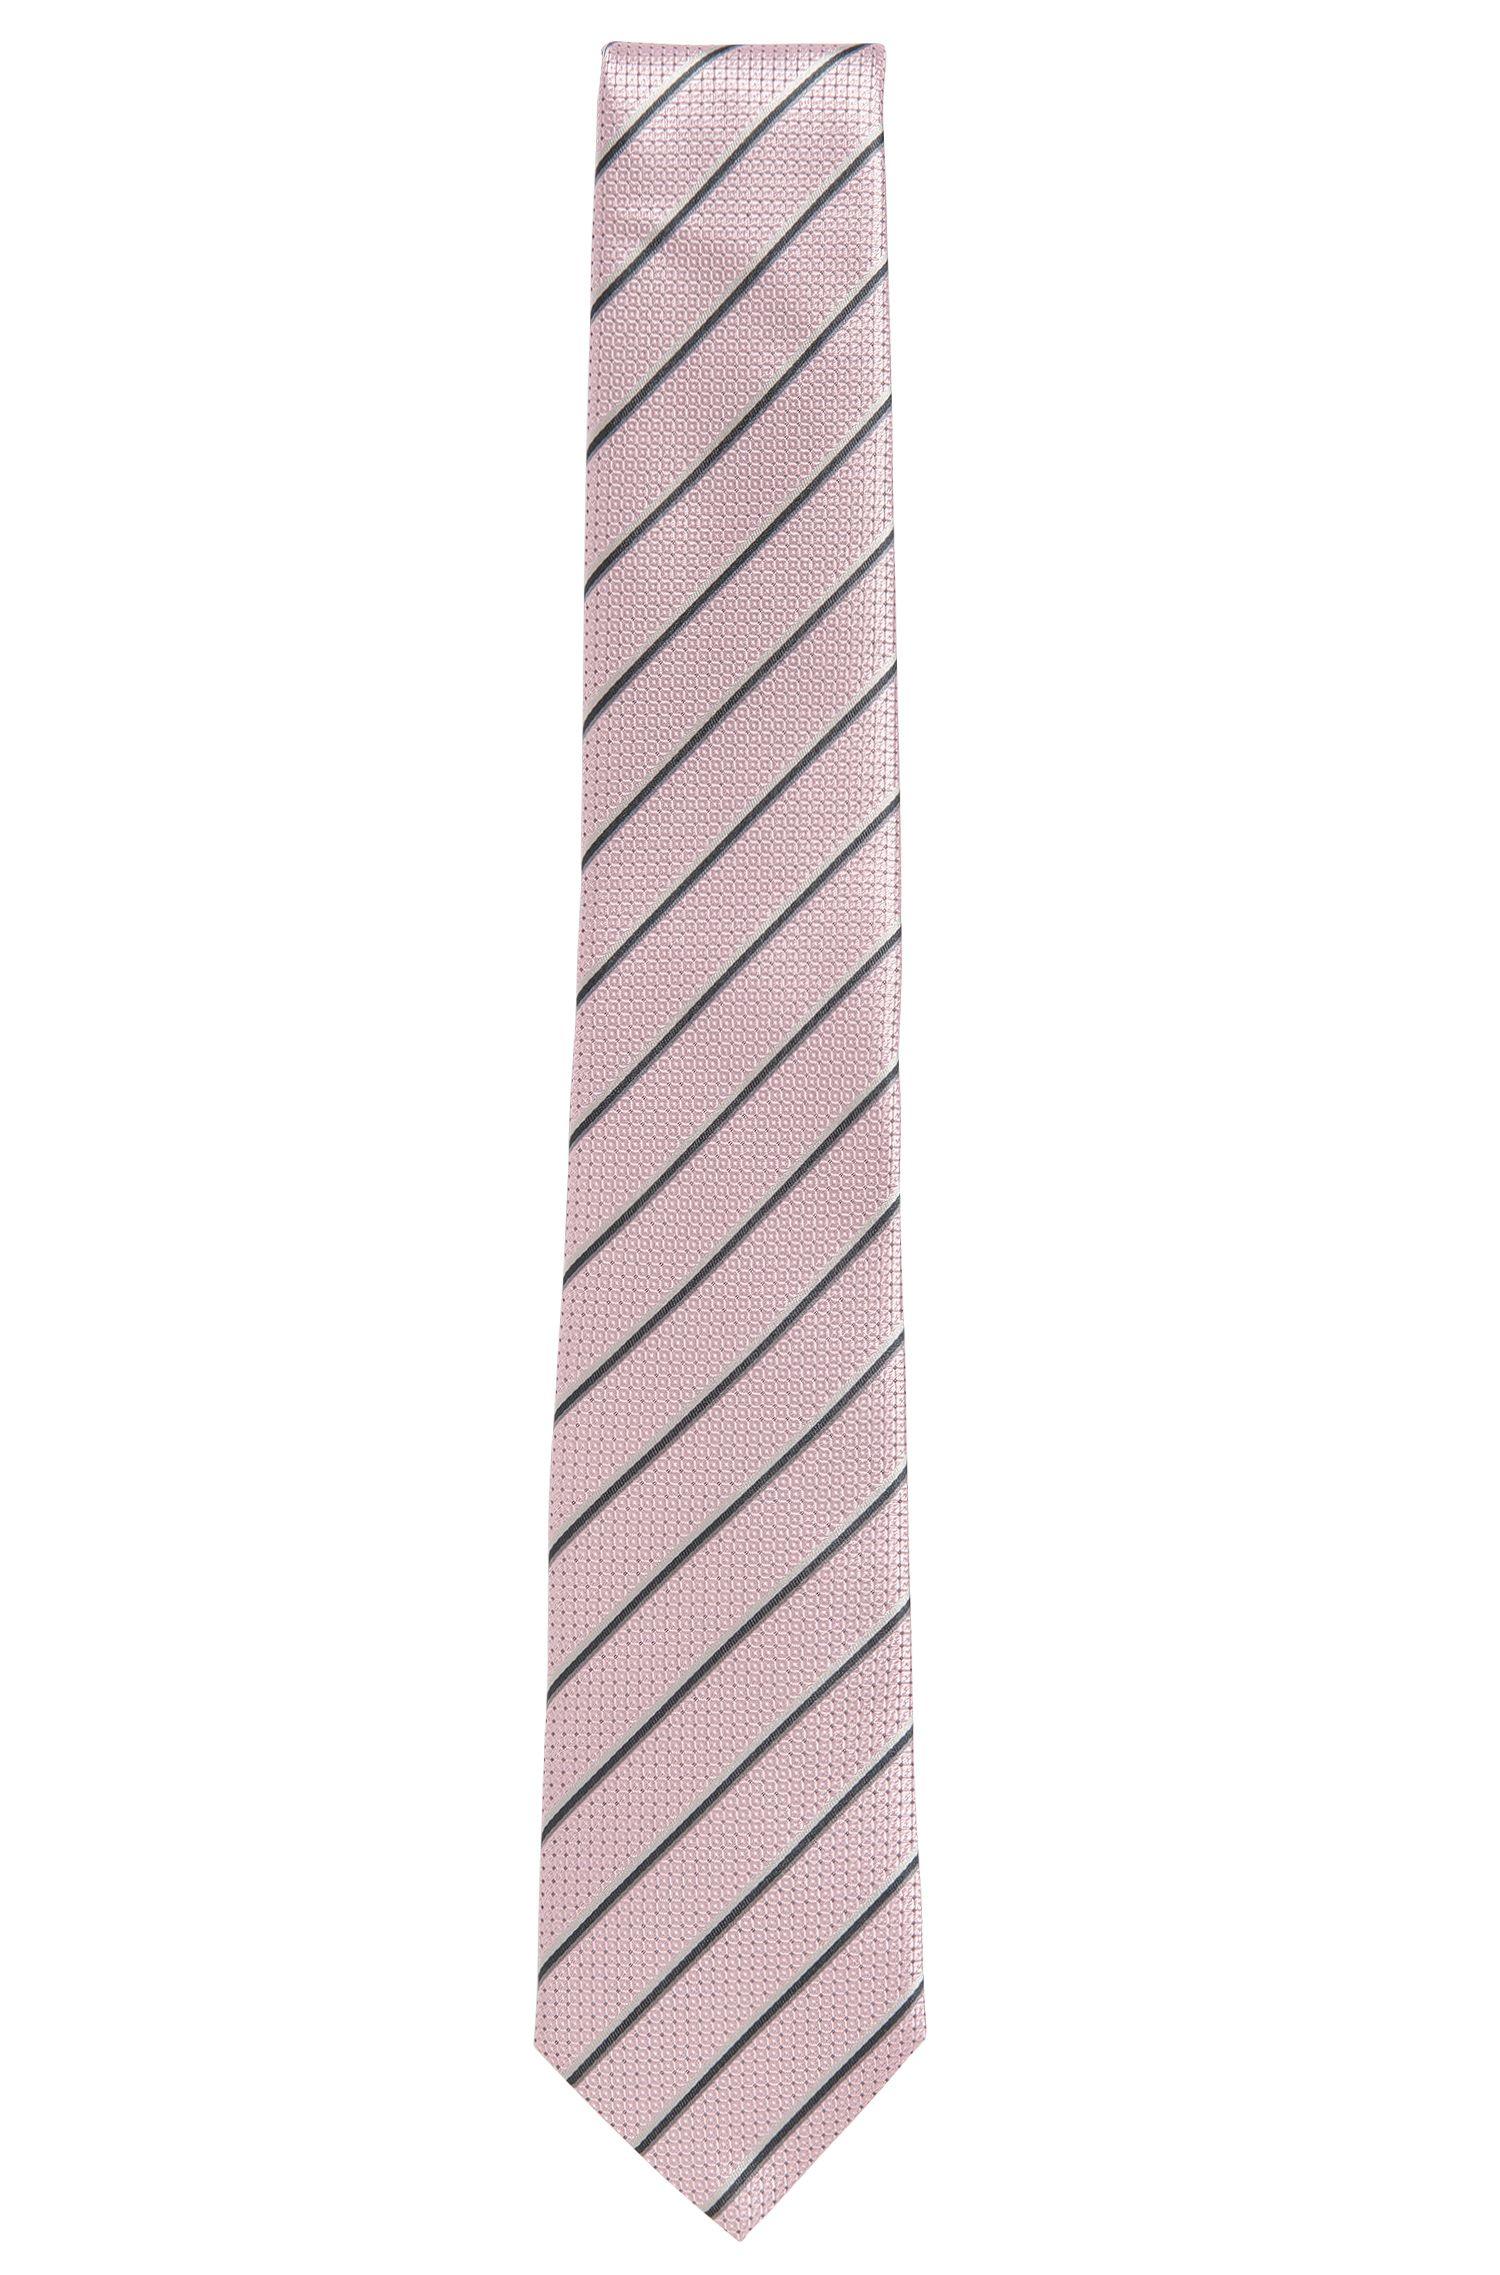 Woven Italian Silk Tie